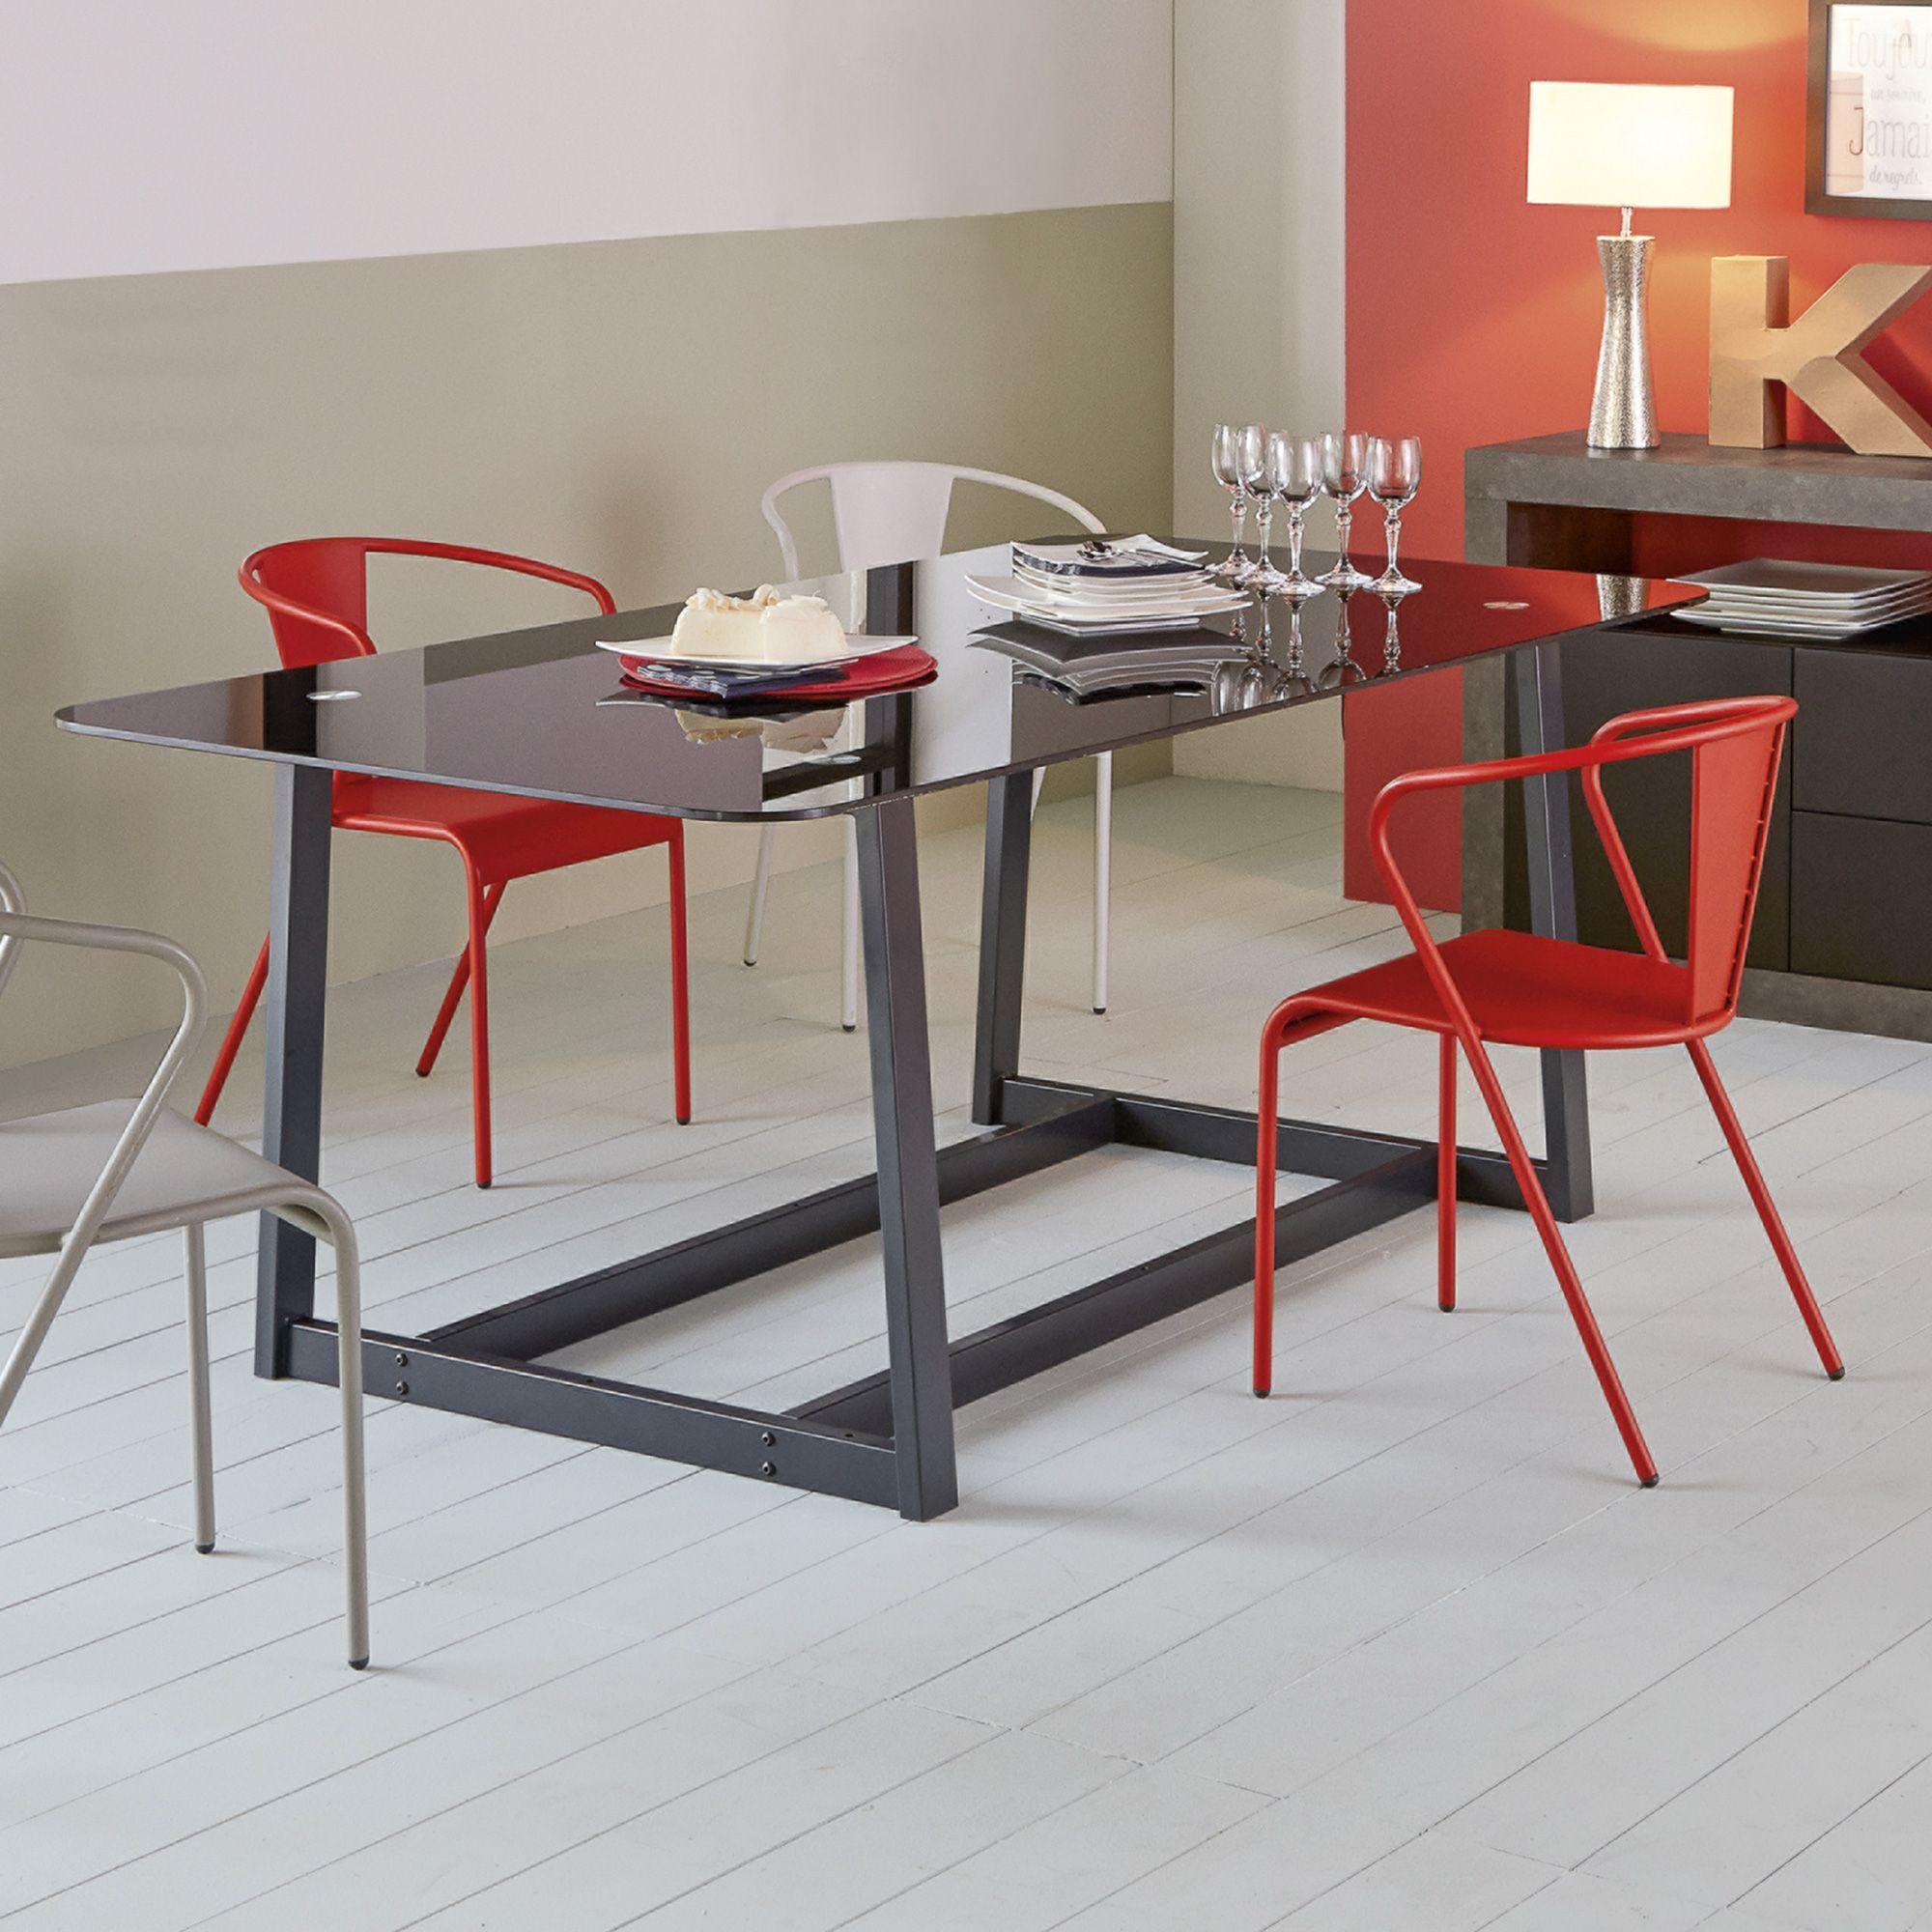 Chaise Rouge En Acier Design Akaros Chaises Tables Chaises